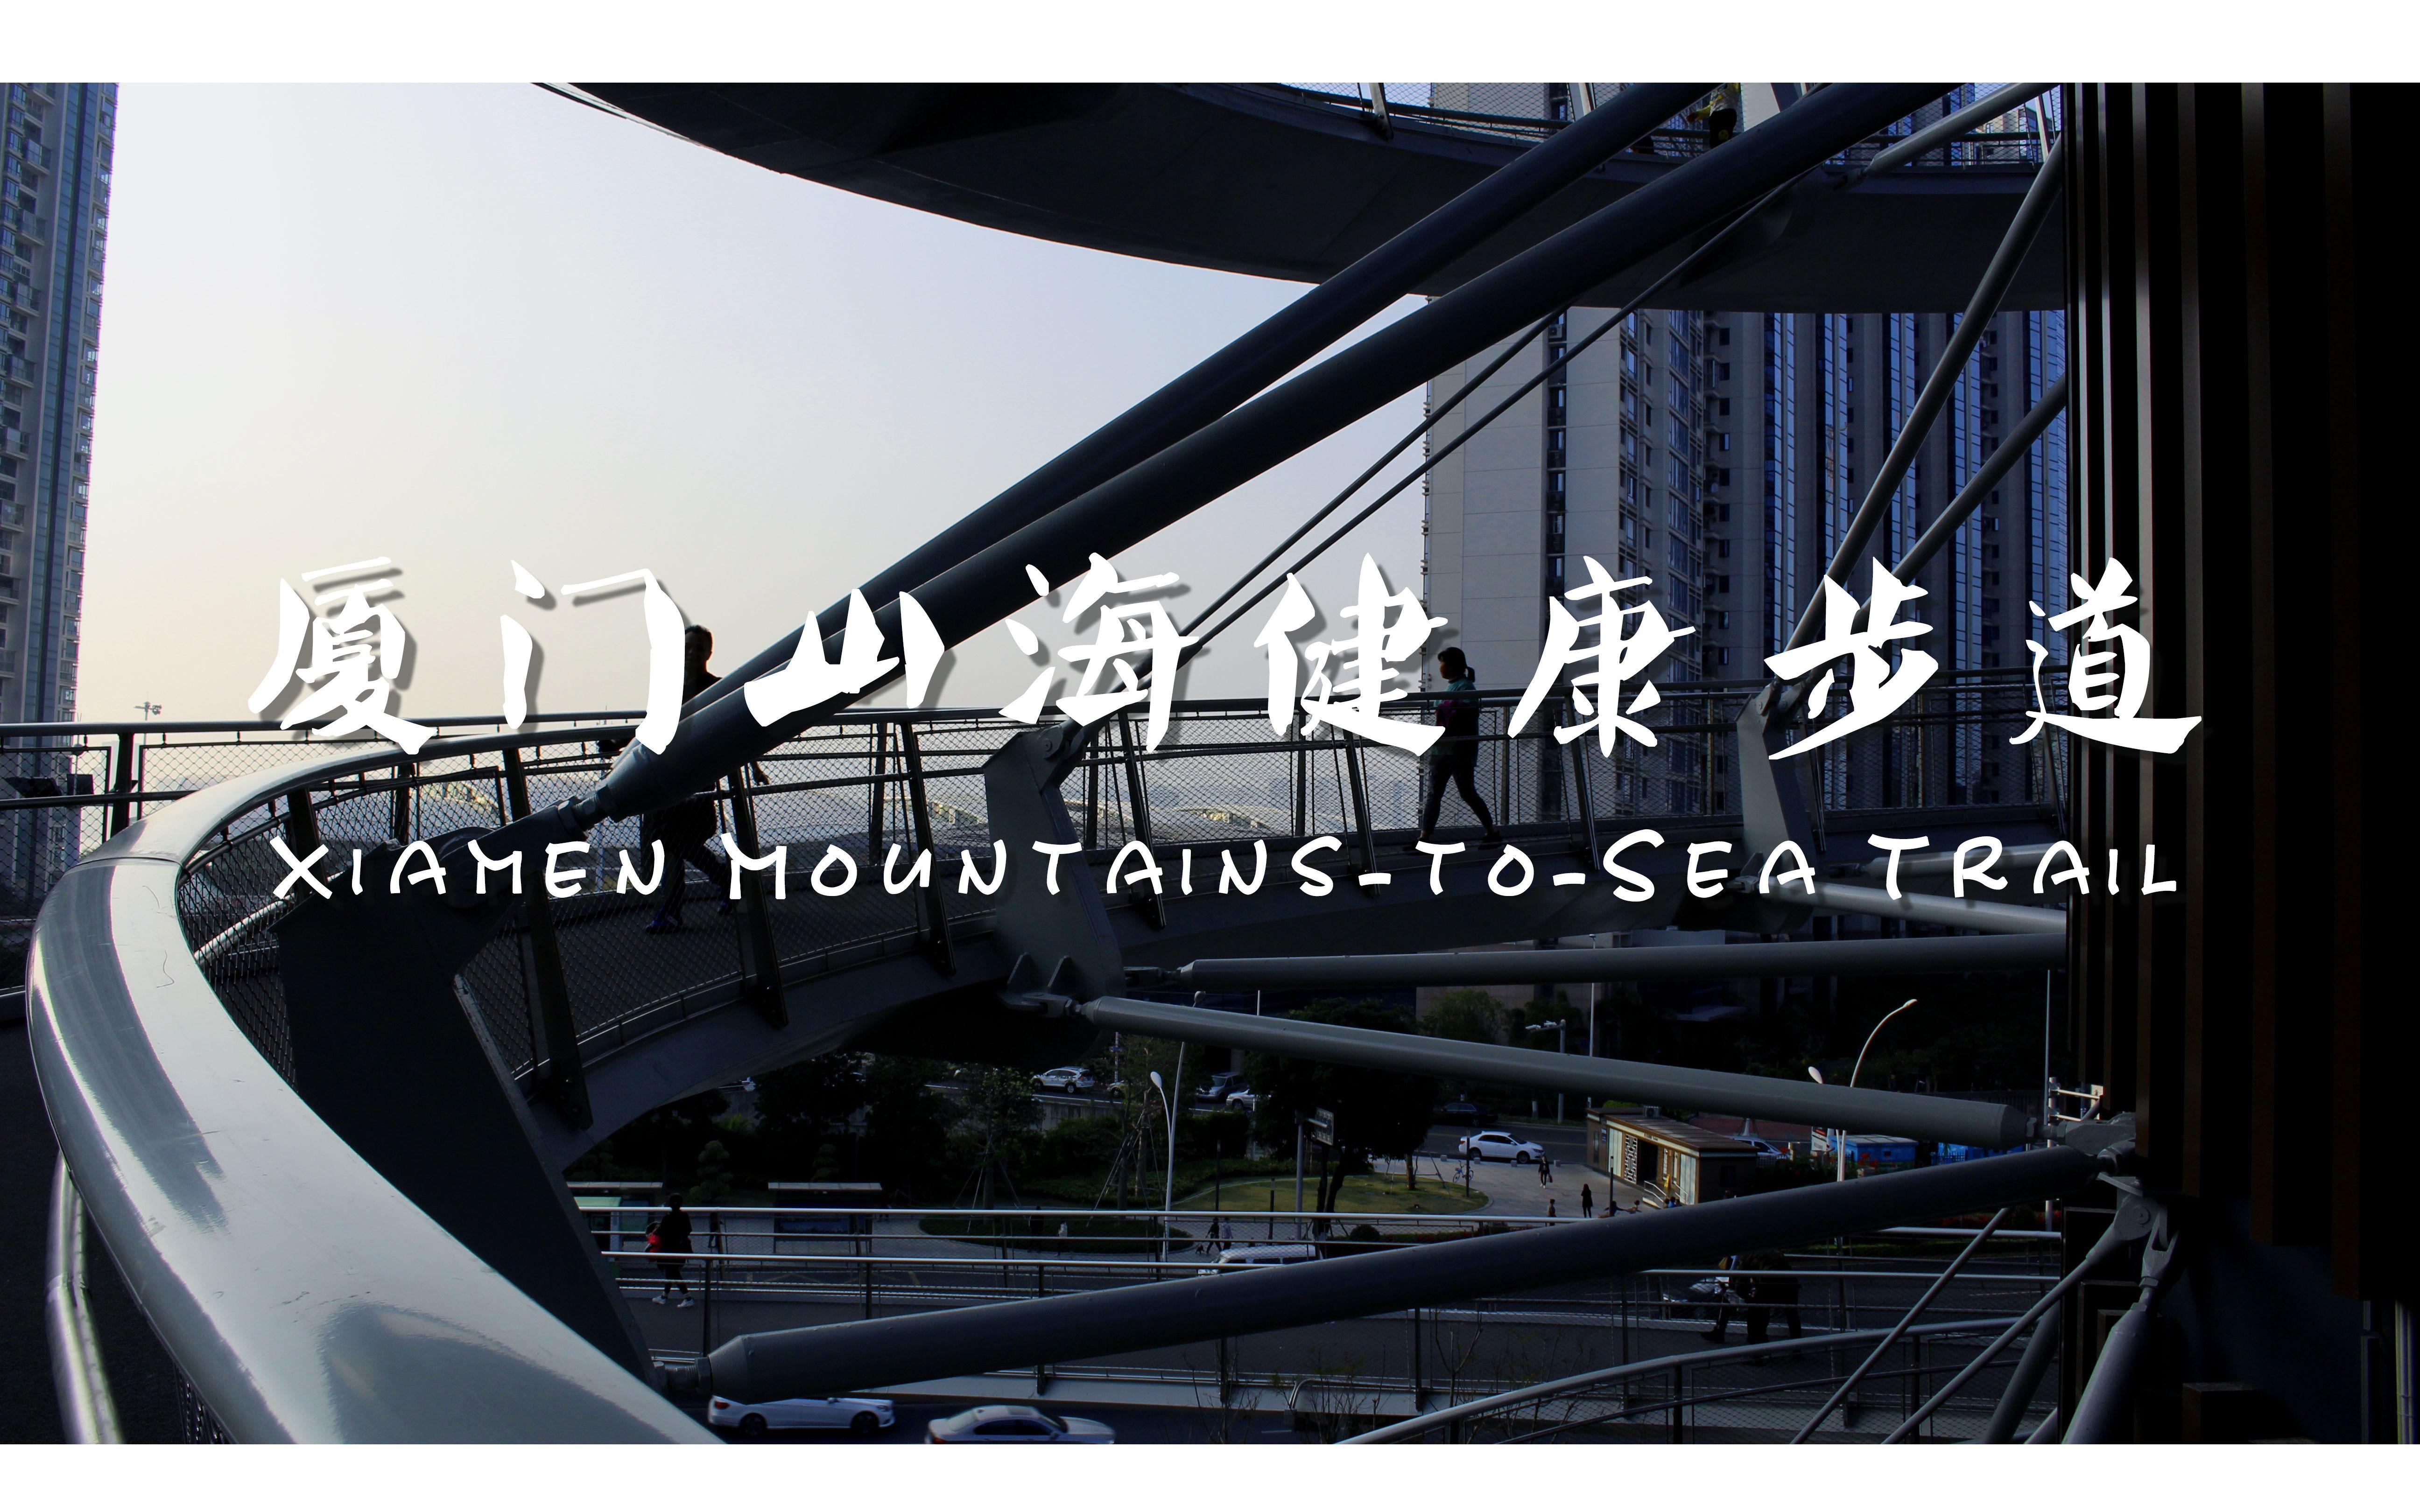 2020.1暴走(?)厦门山海健康步道